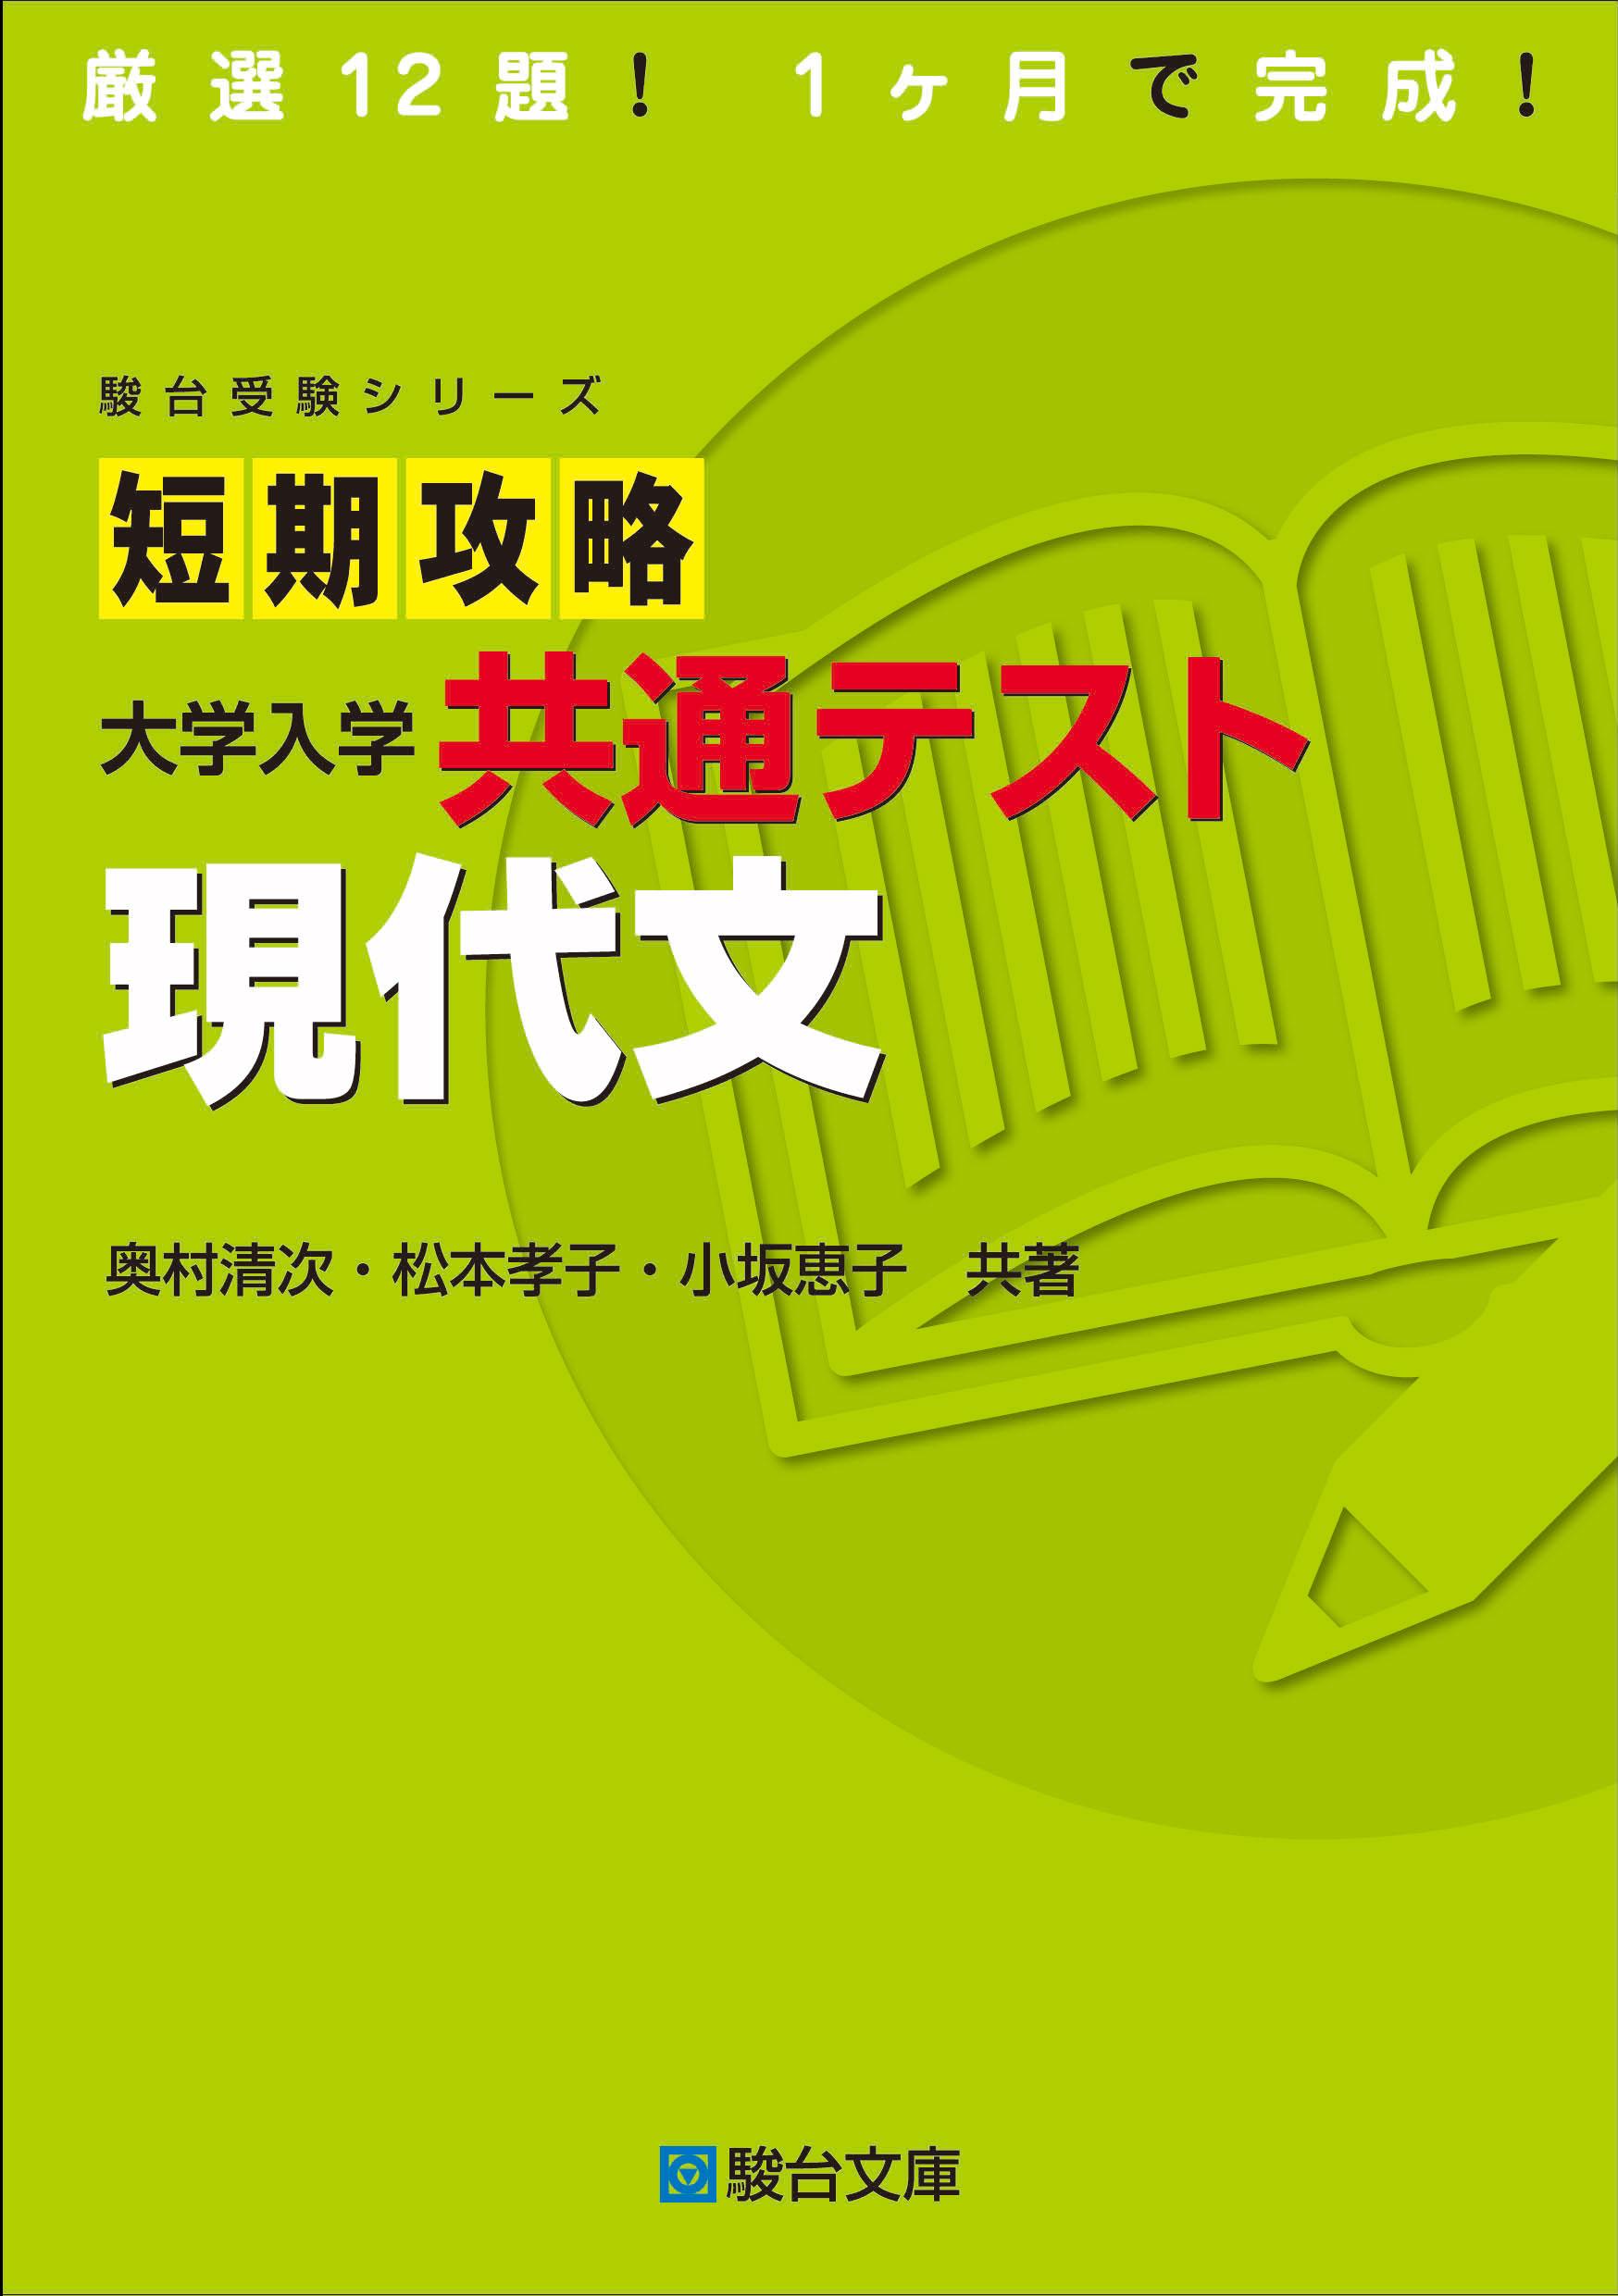 共通 問題 集 テスト 駿台 大学入学共通テスト 現代文